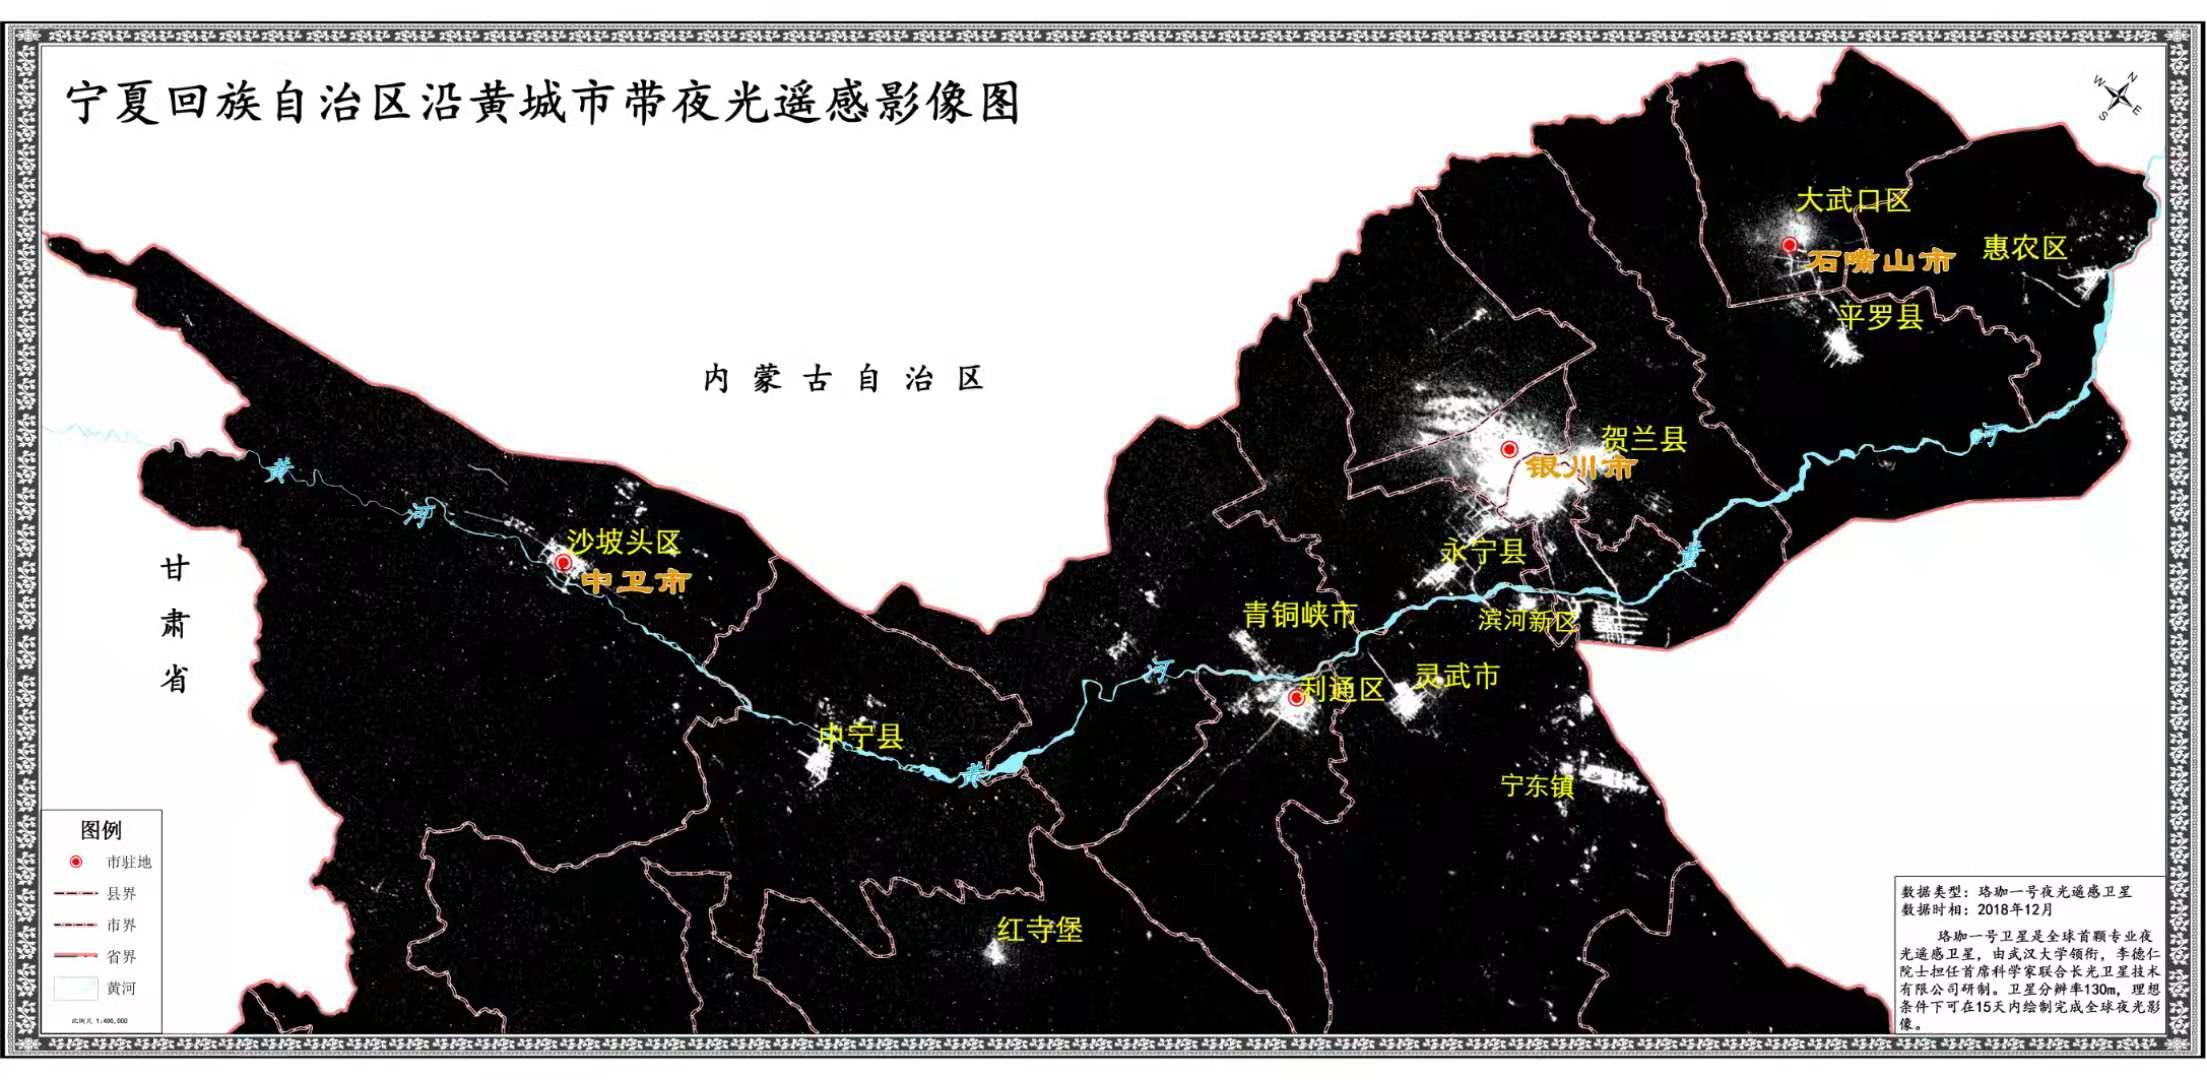 甘肃宁夏历年经济总量_陕西甘肃宁夏地图